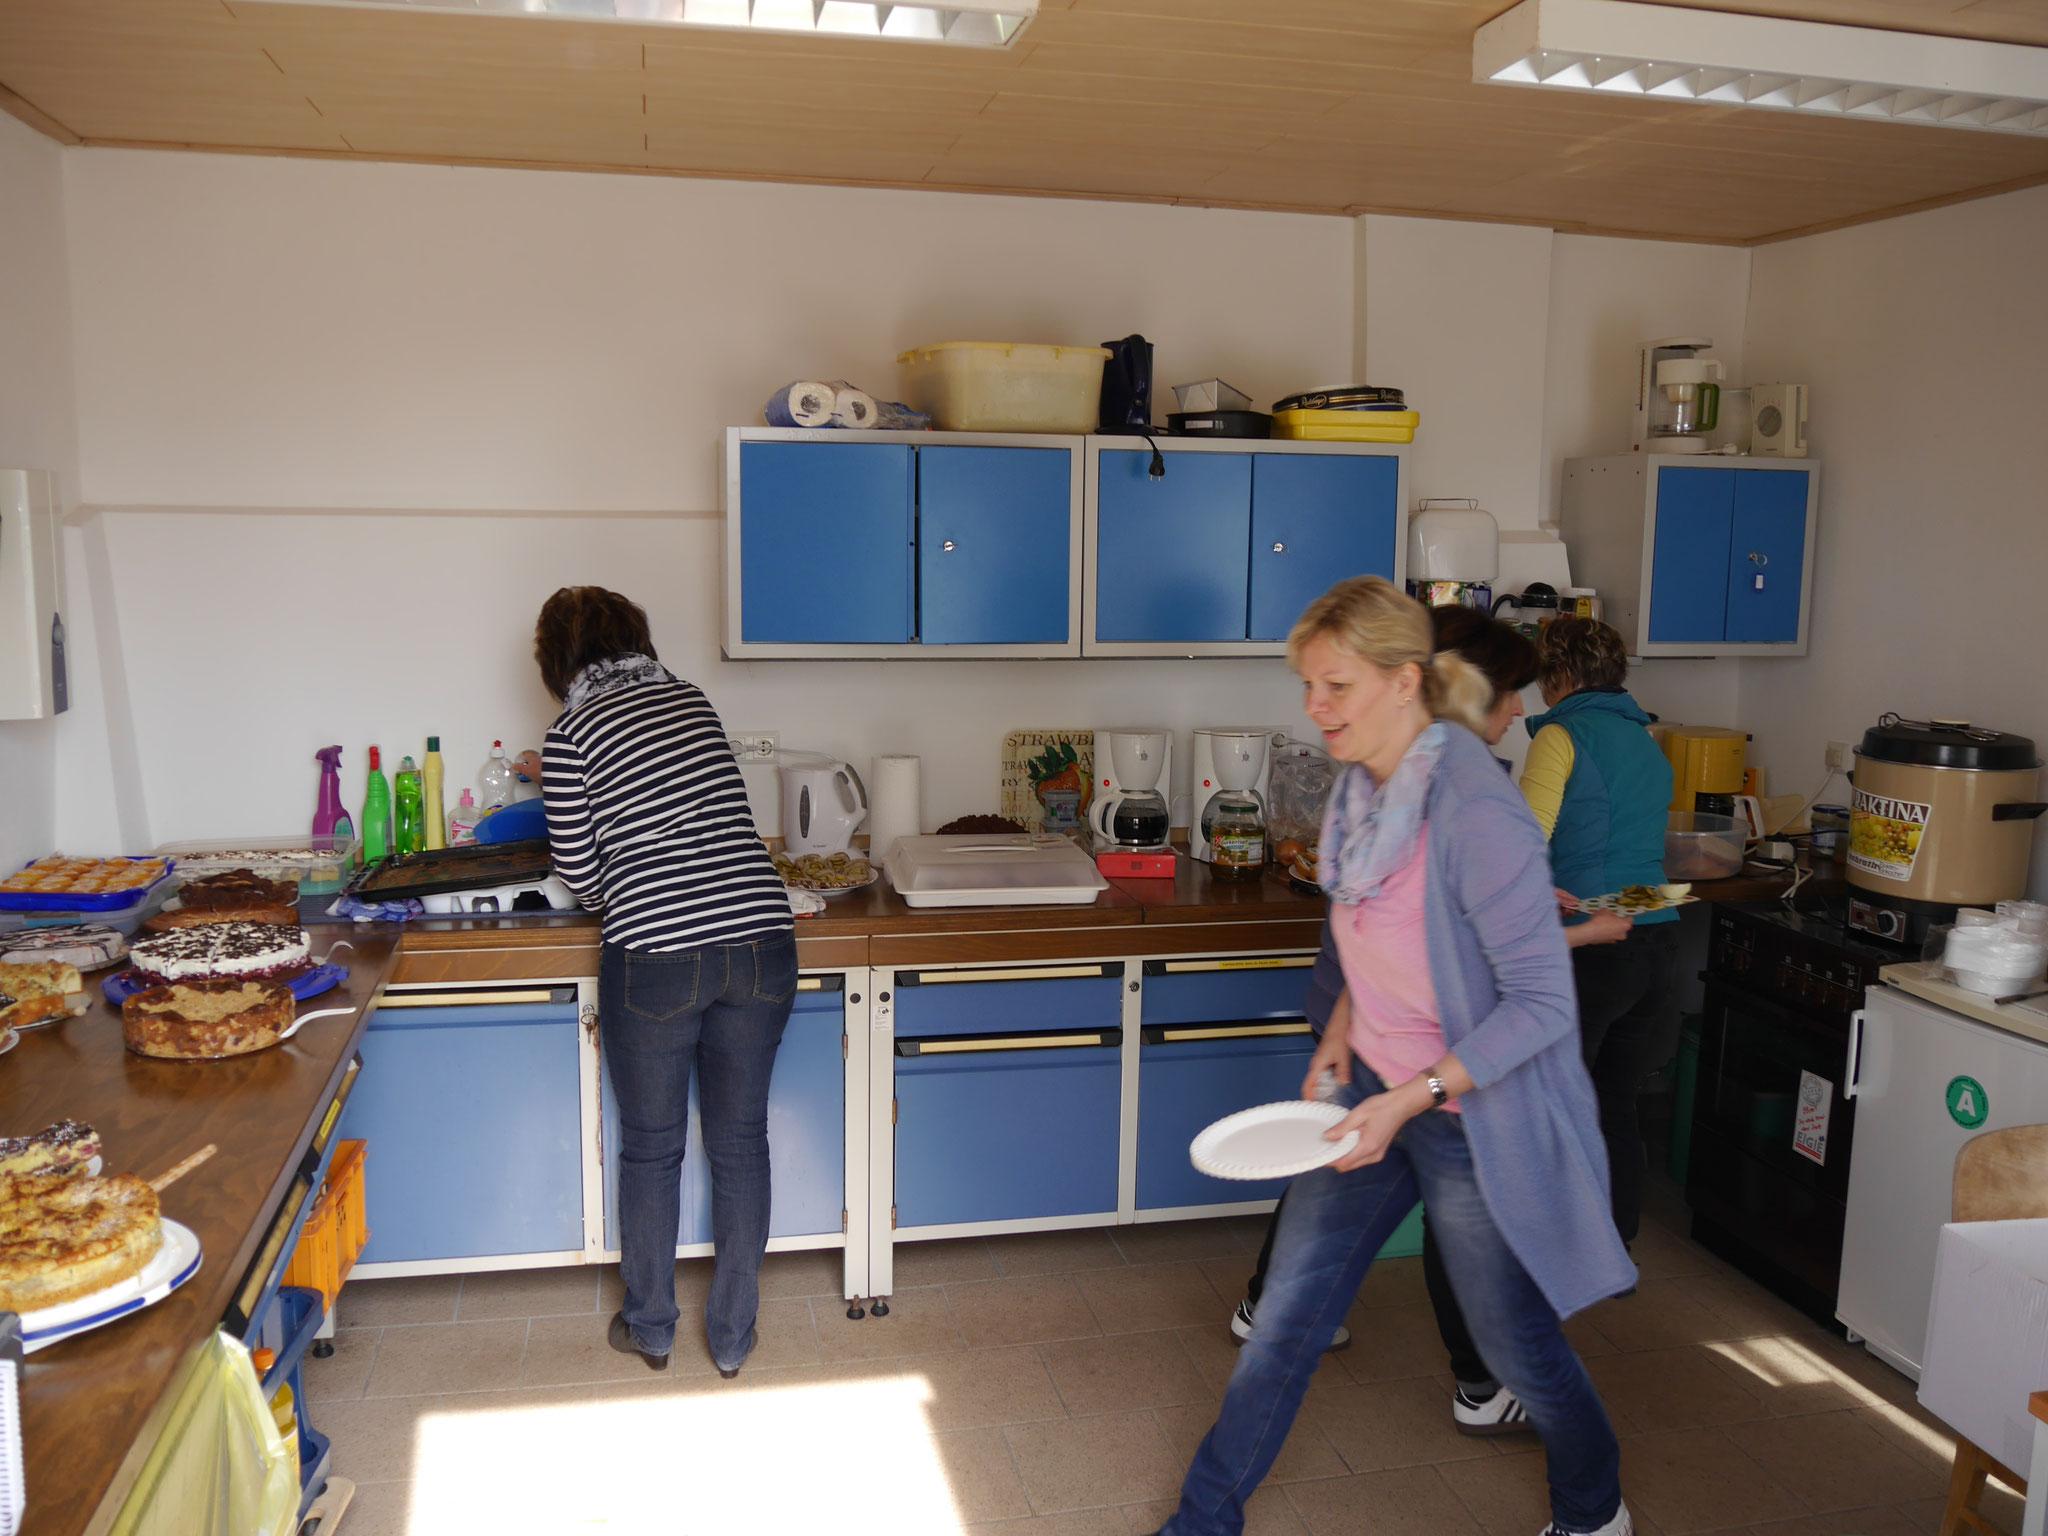 In der Küche wurde fleißig vorbereitet. Vielen Dank an die Kuchen-Bäckerinnen! Alles sah wieder sehr lecker aus!